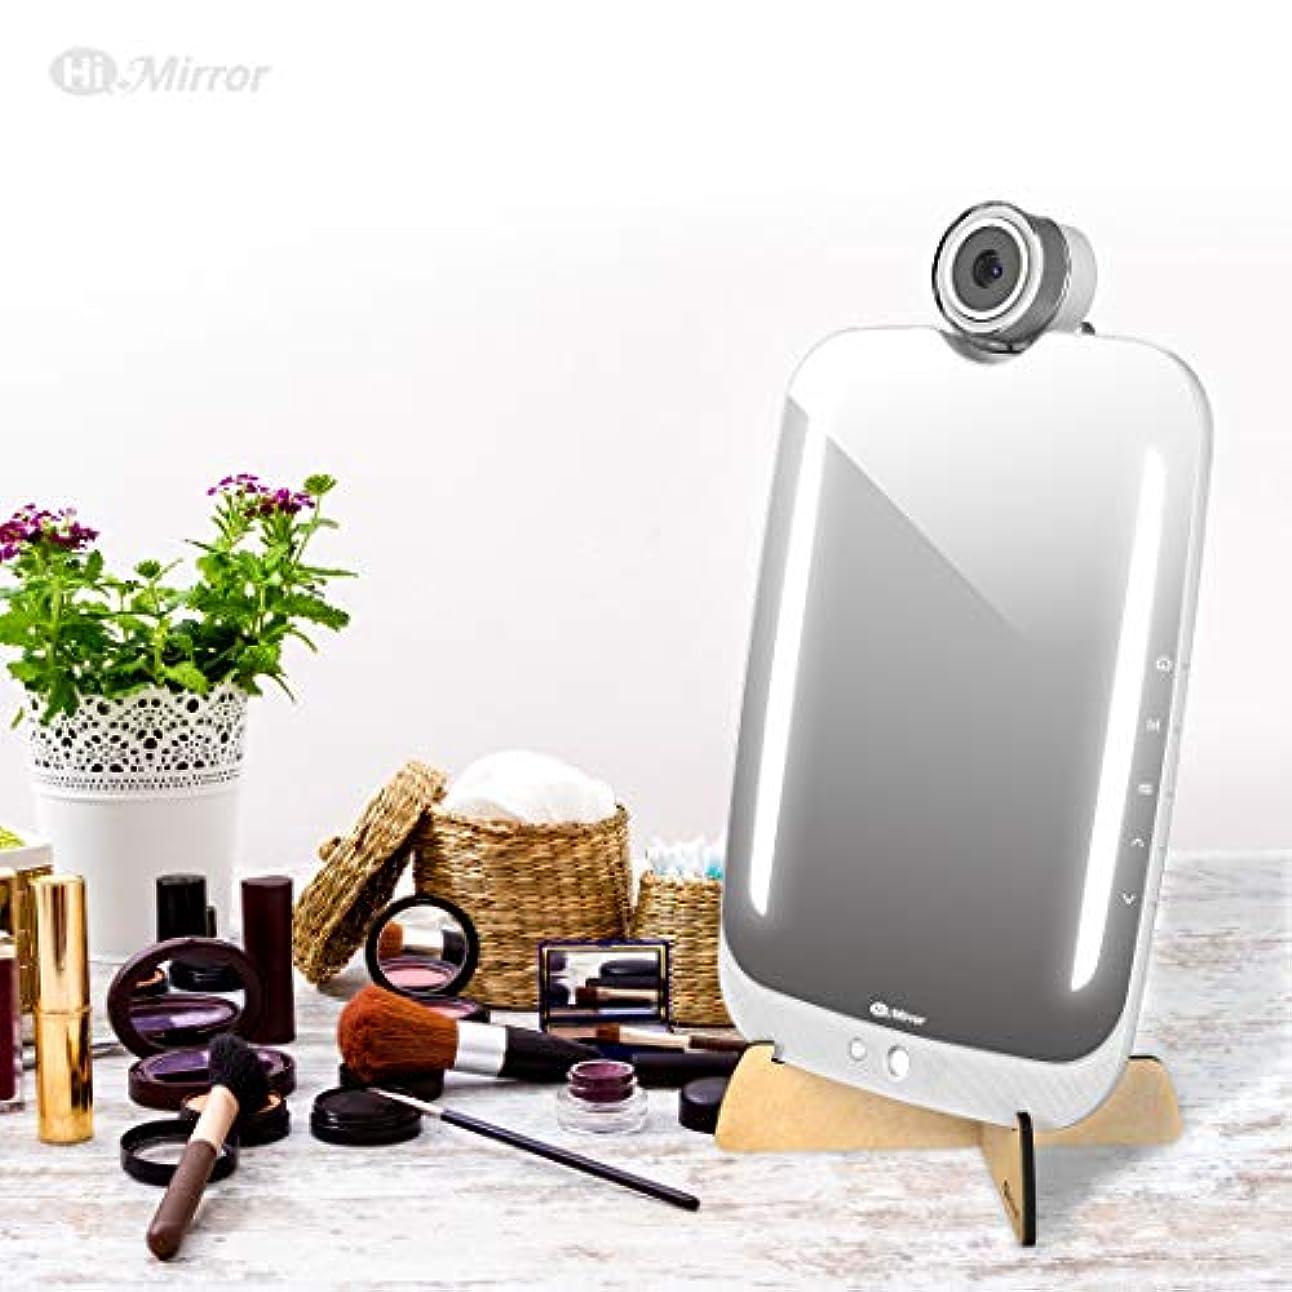 リストチの実の木長々とHiMirrorプラス-デバイス型ビューティミラー、メイクアップシミュレーションAR新機能搭載、高精度カメラ機能とアプリケーションによる肌分析 ホワイト BM618RC00AB